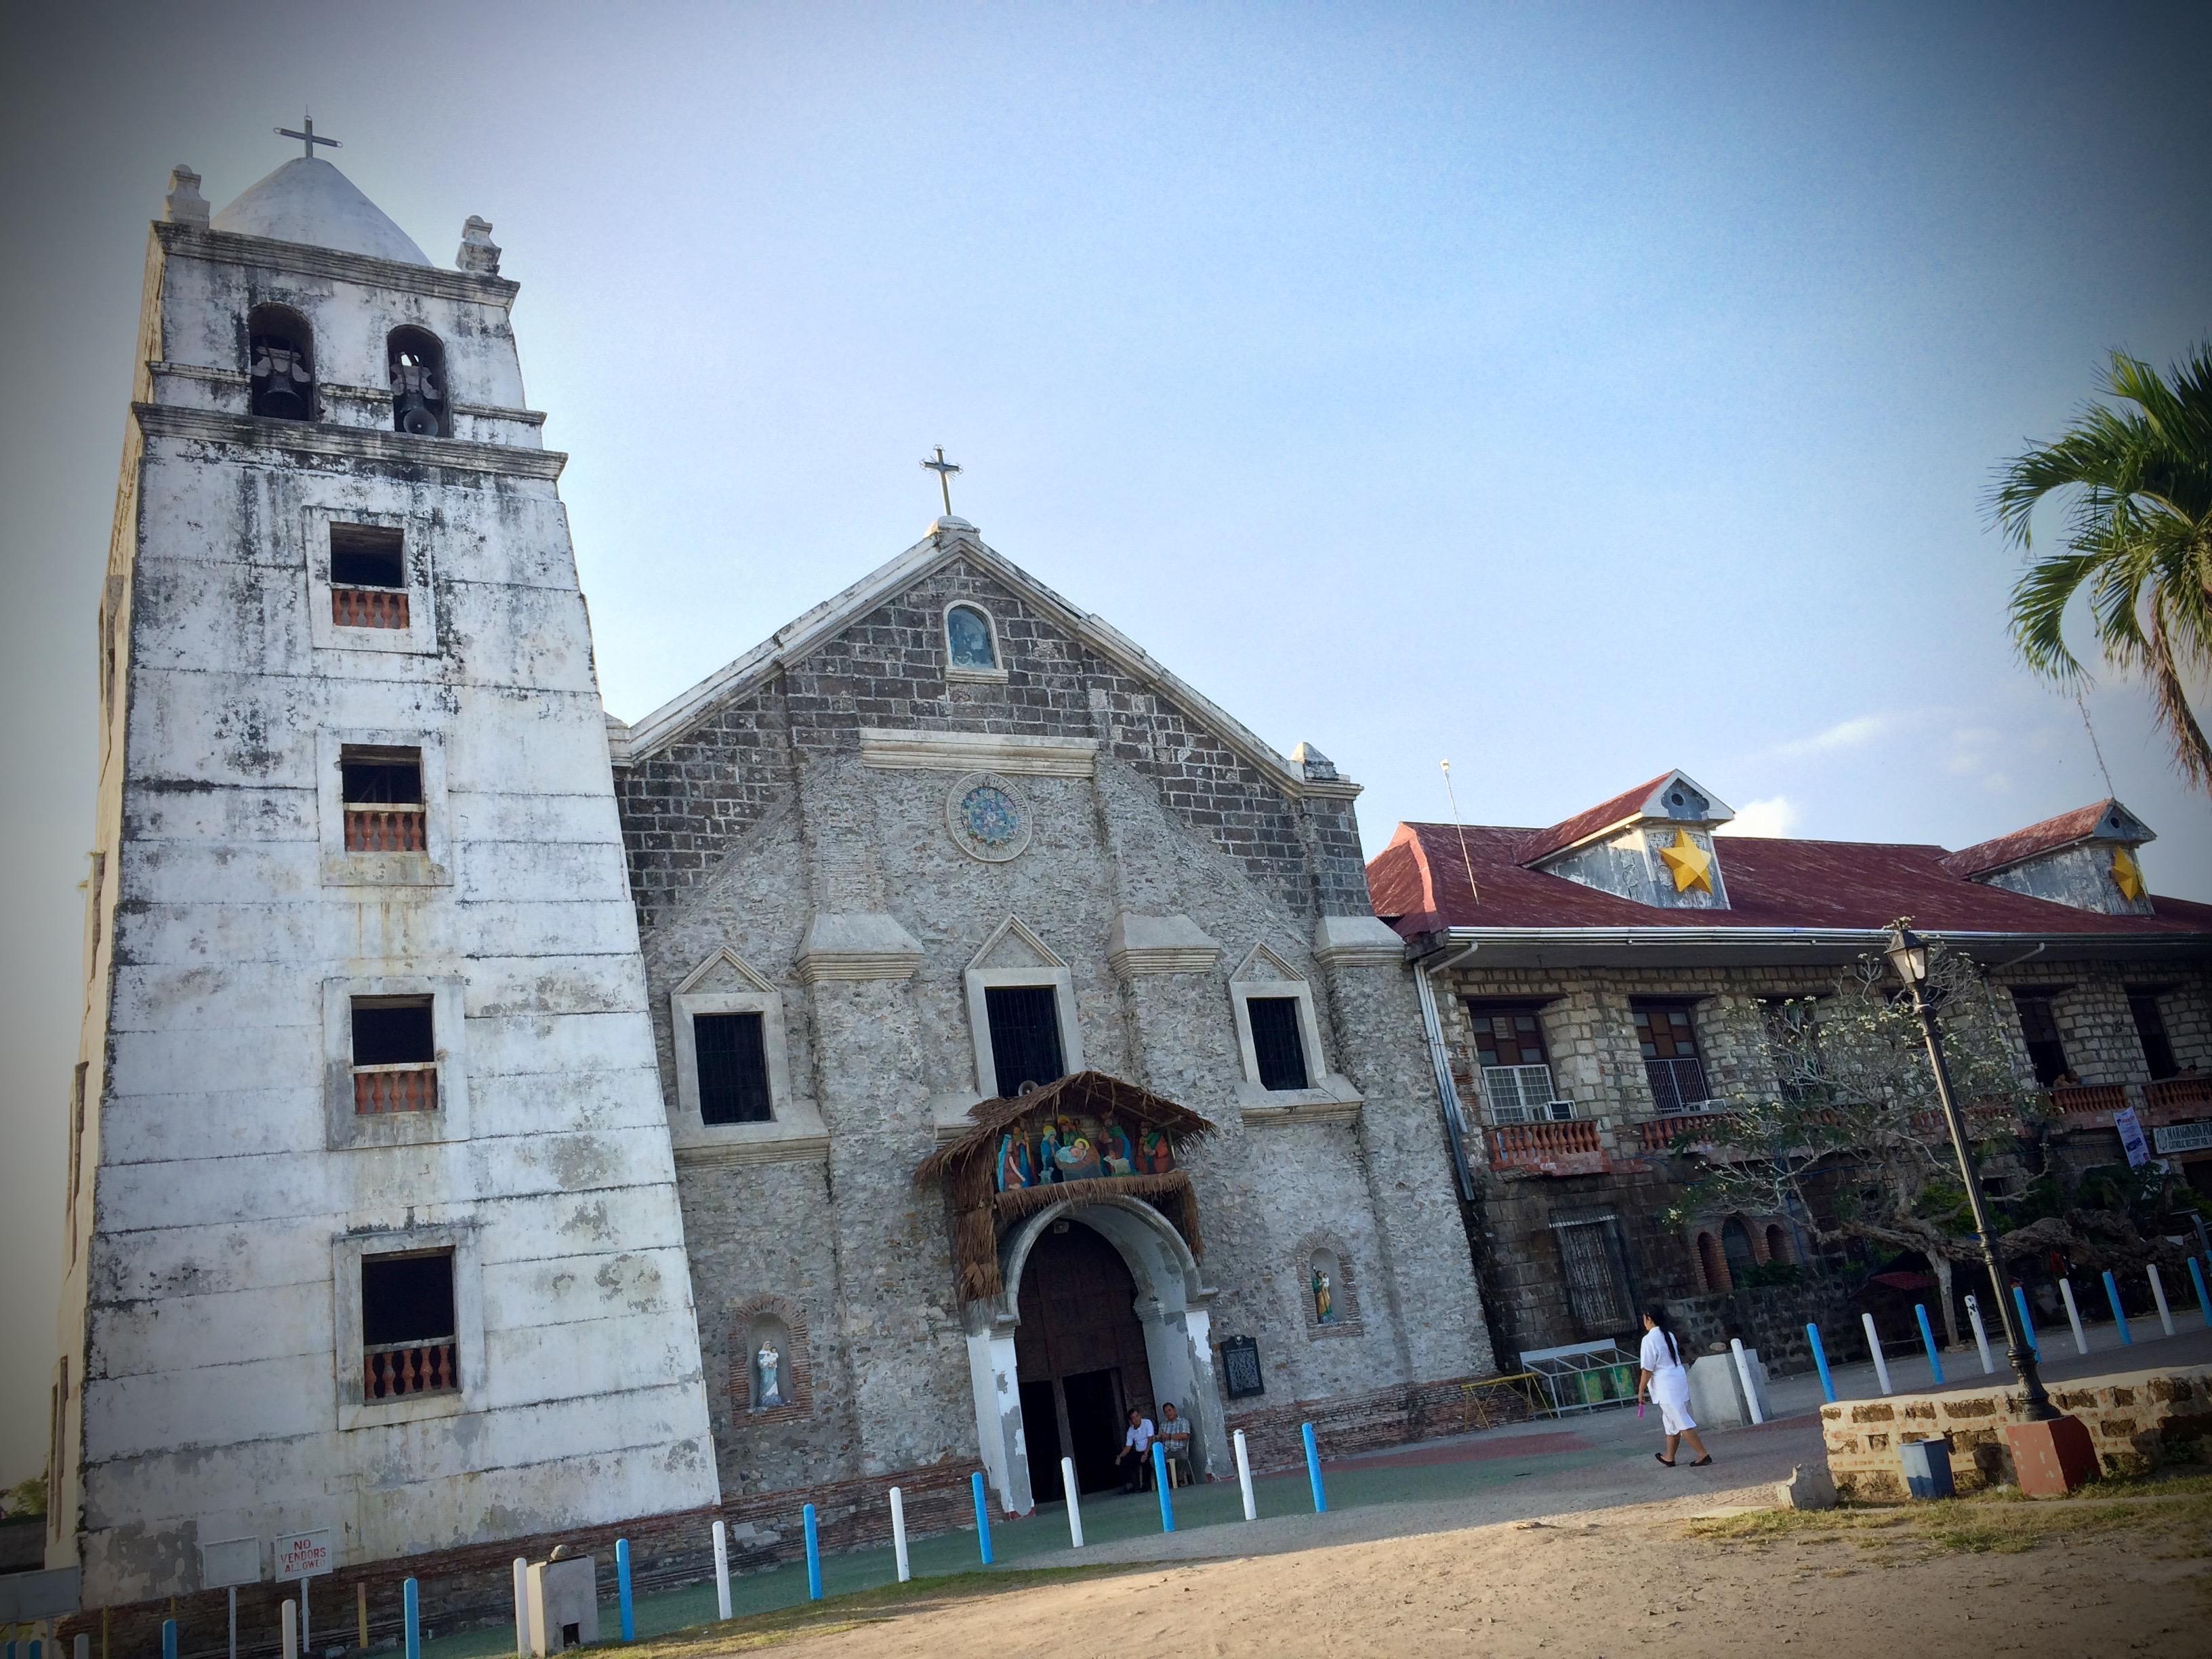 Frontage of the Nuestra Señora de la Asuncion Church, Maragondon, Cavite. Photo: Fr. Jboy Gonzales SJ